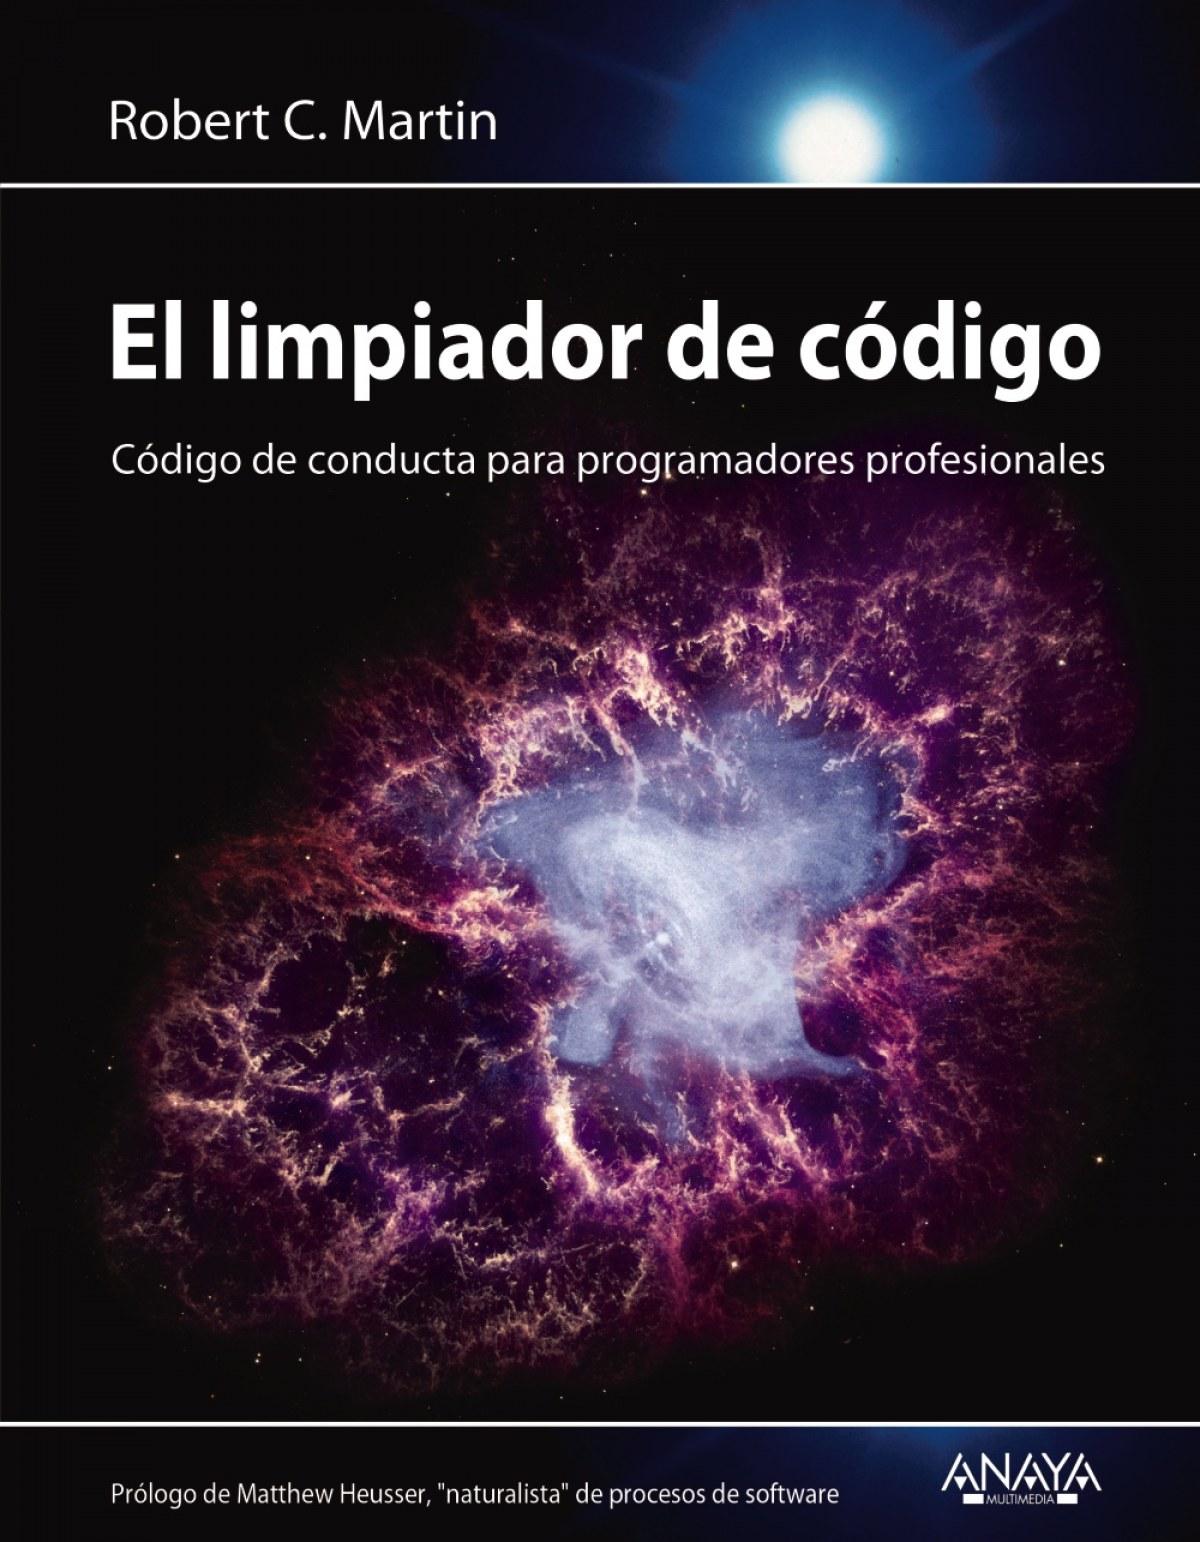 EL LIMPIADOR DE CÓDIGO 9788441540842